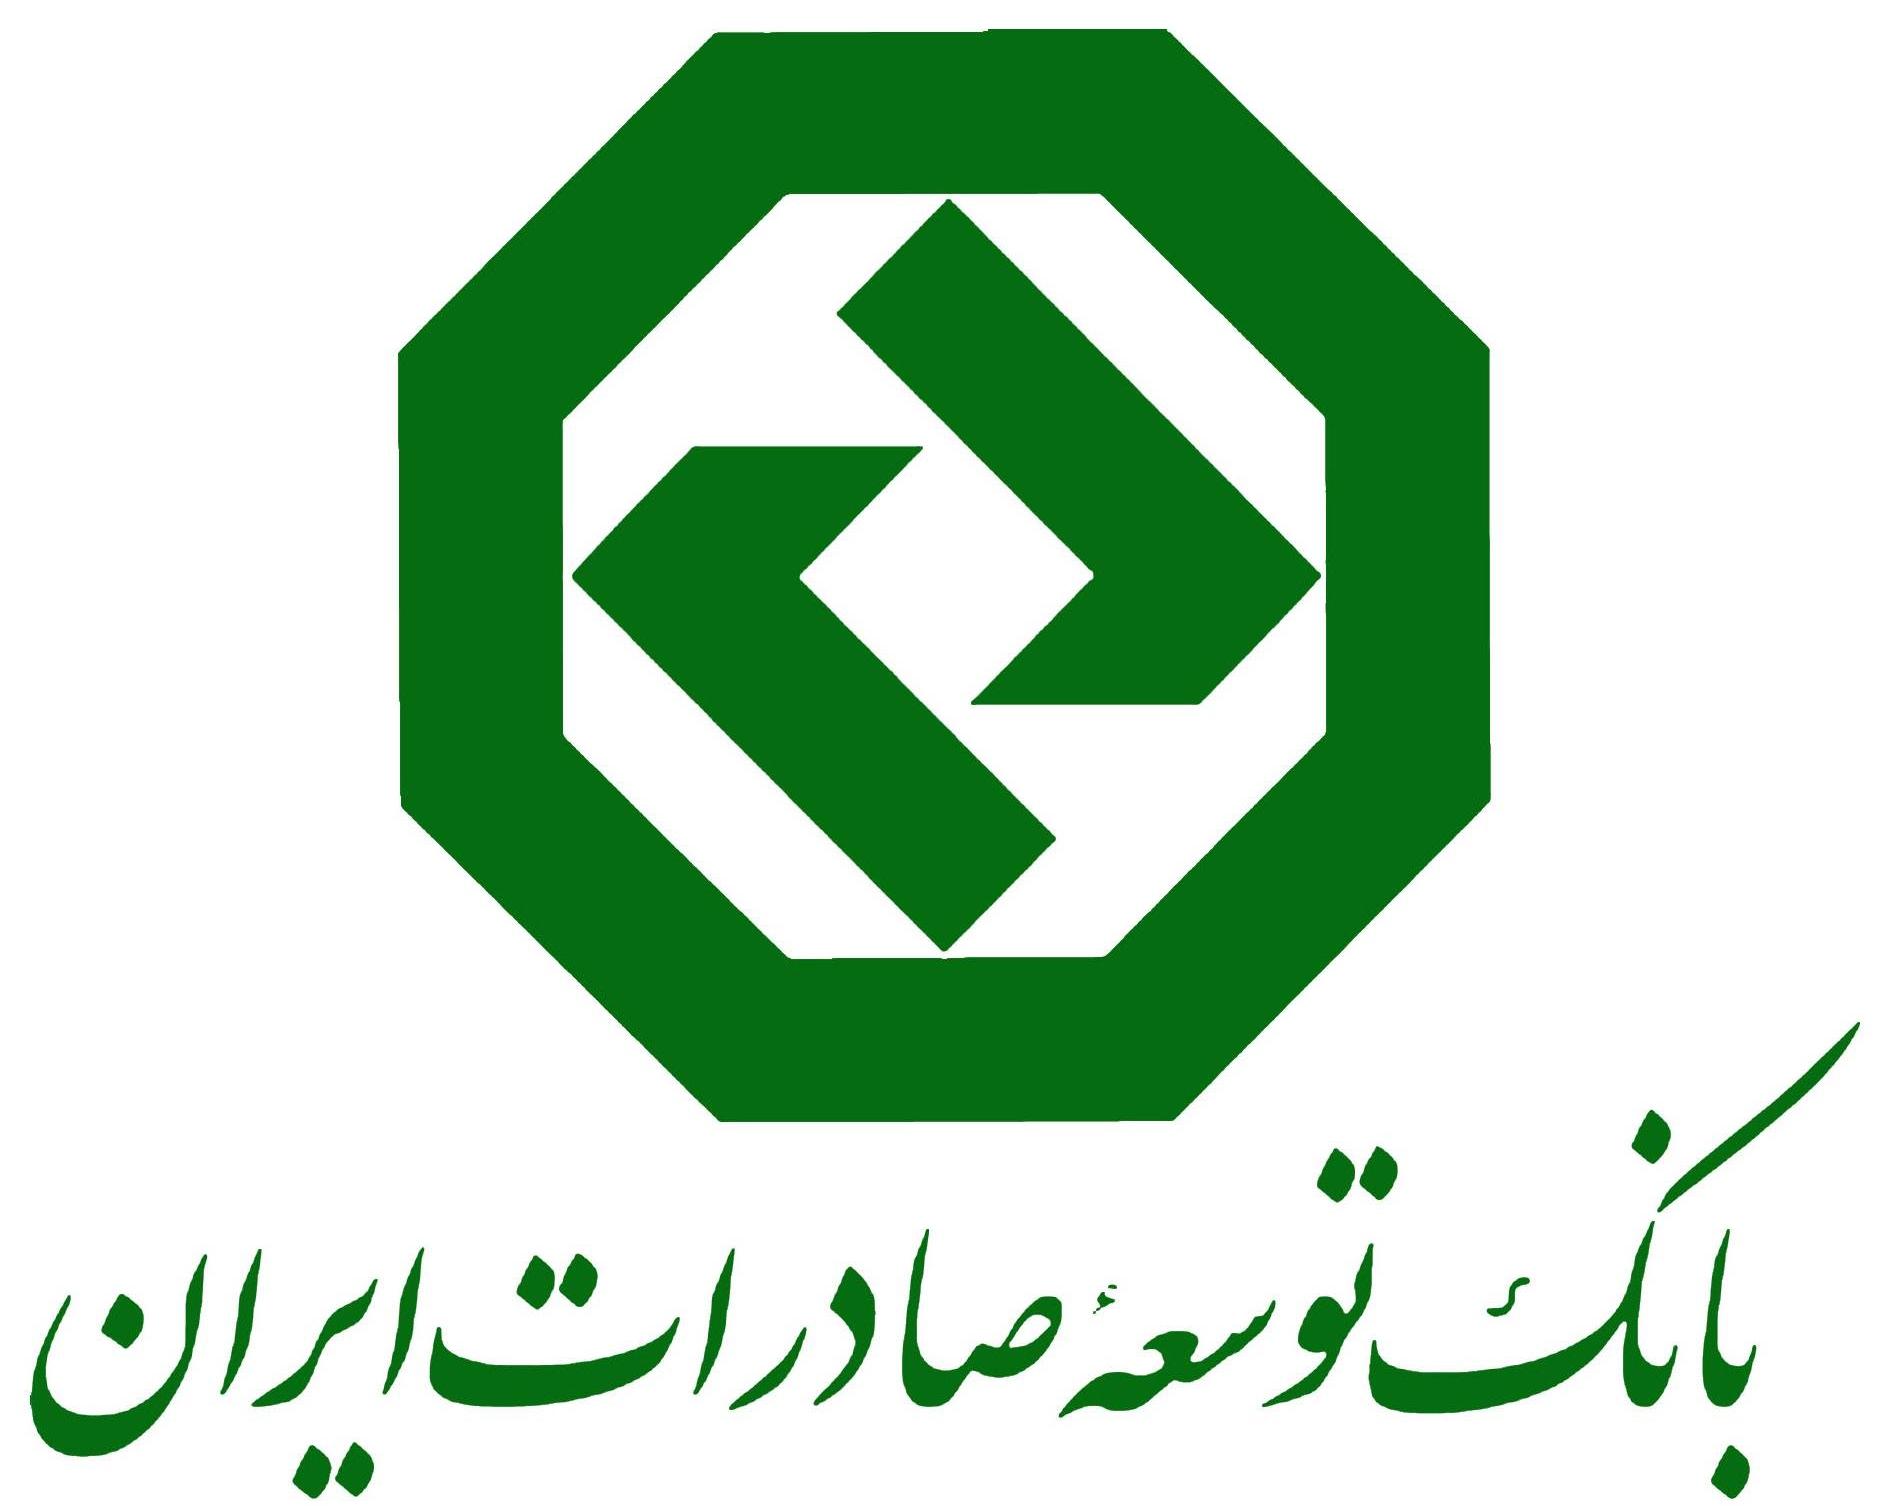 کارت به کارت از طریق اپلیکشین ۷۲۴ در بانک توسعه صادرات میسر شد